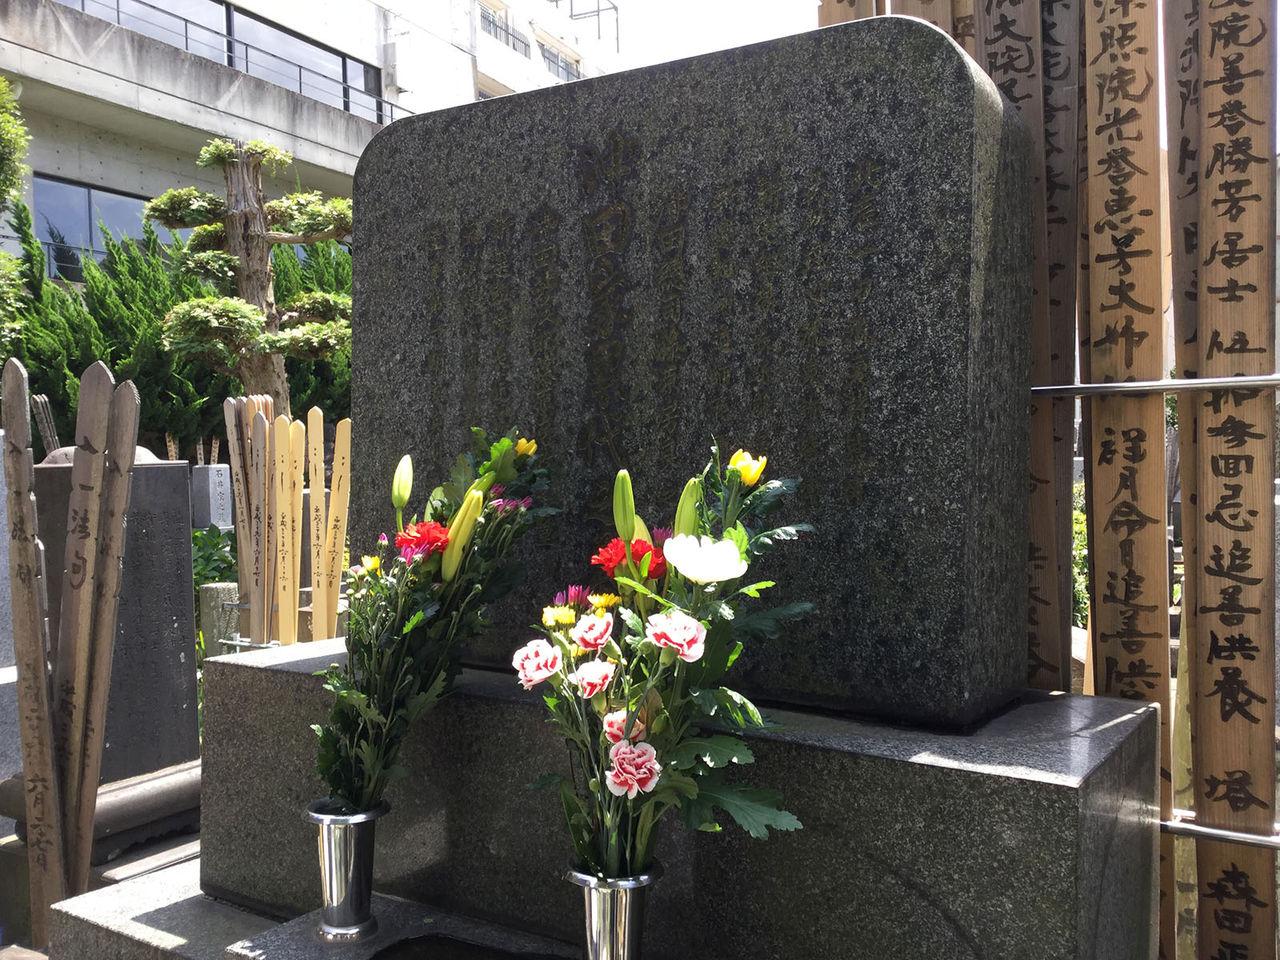 新選組流山隊隊長日記:沖田総司